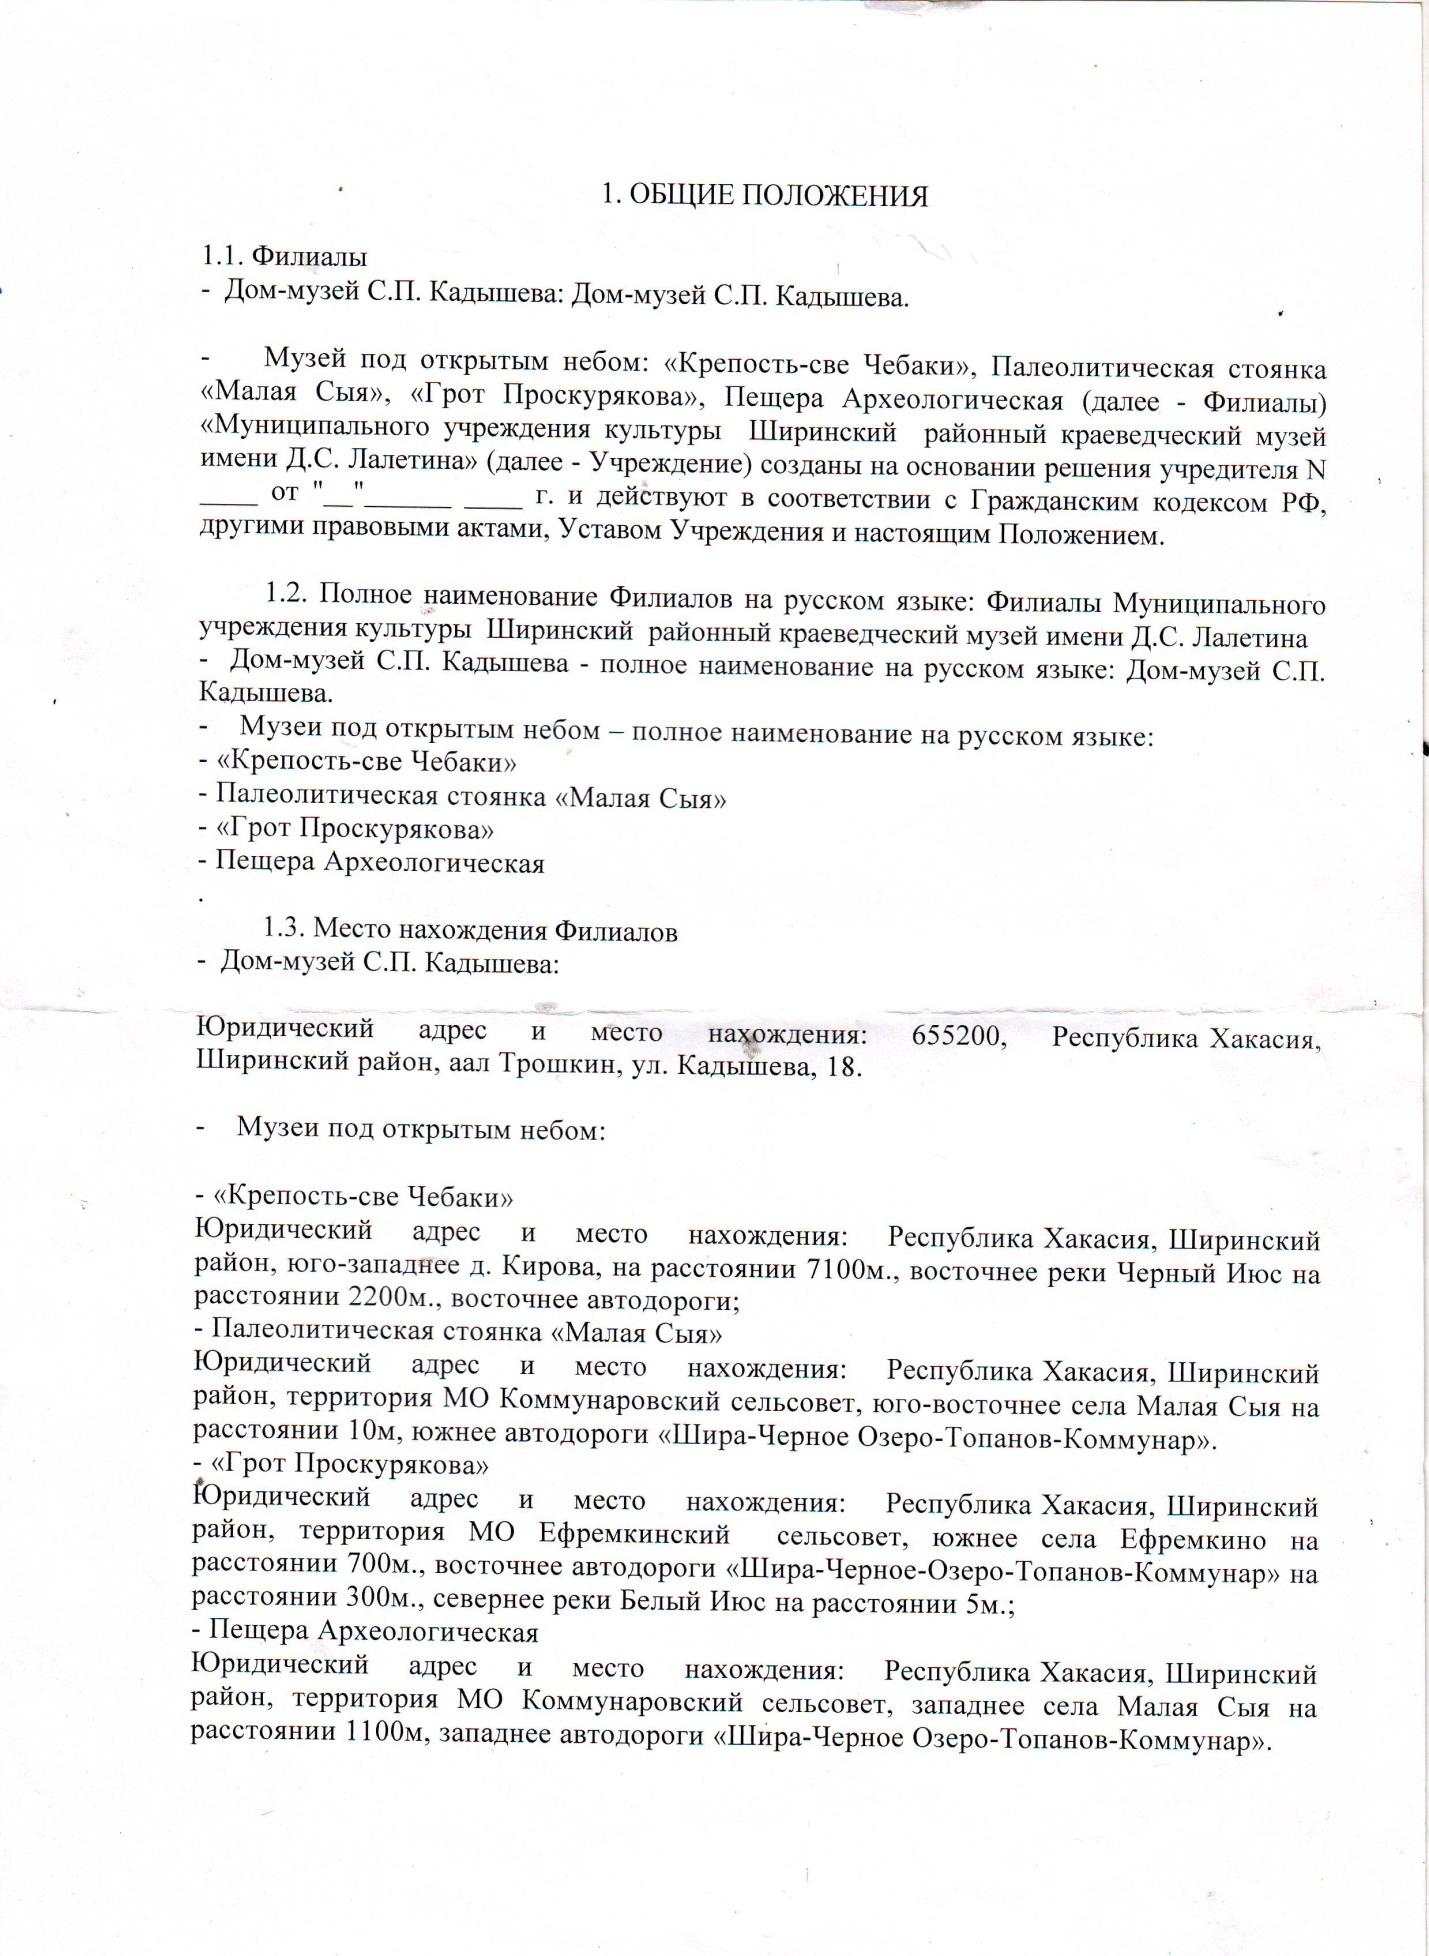 C:\Documents and Settings\Admin\Мои документы\Мои рисунки\2013-04-21\Scan10003.JPG